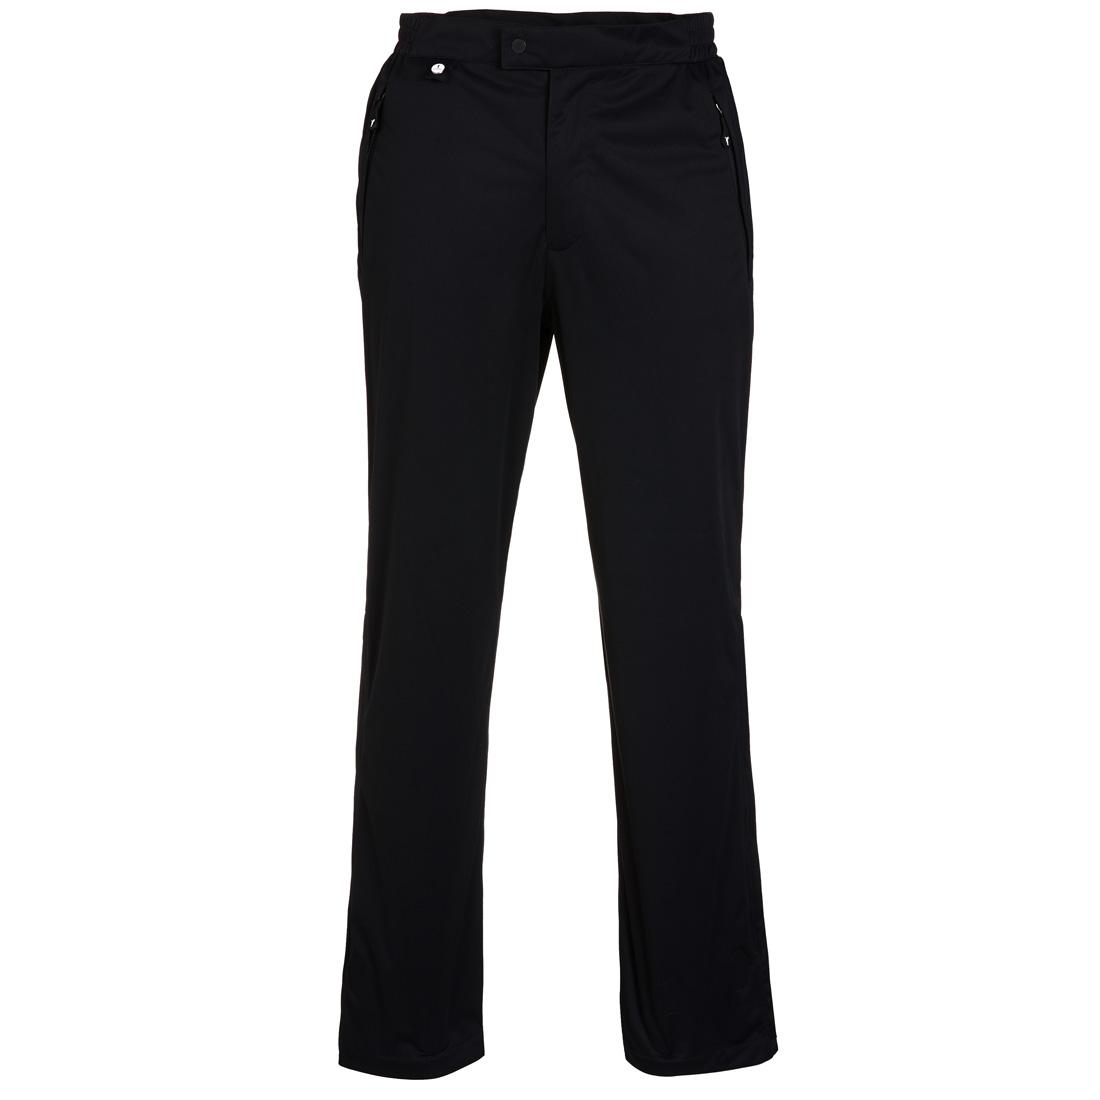 Light waterproof trousers Black